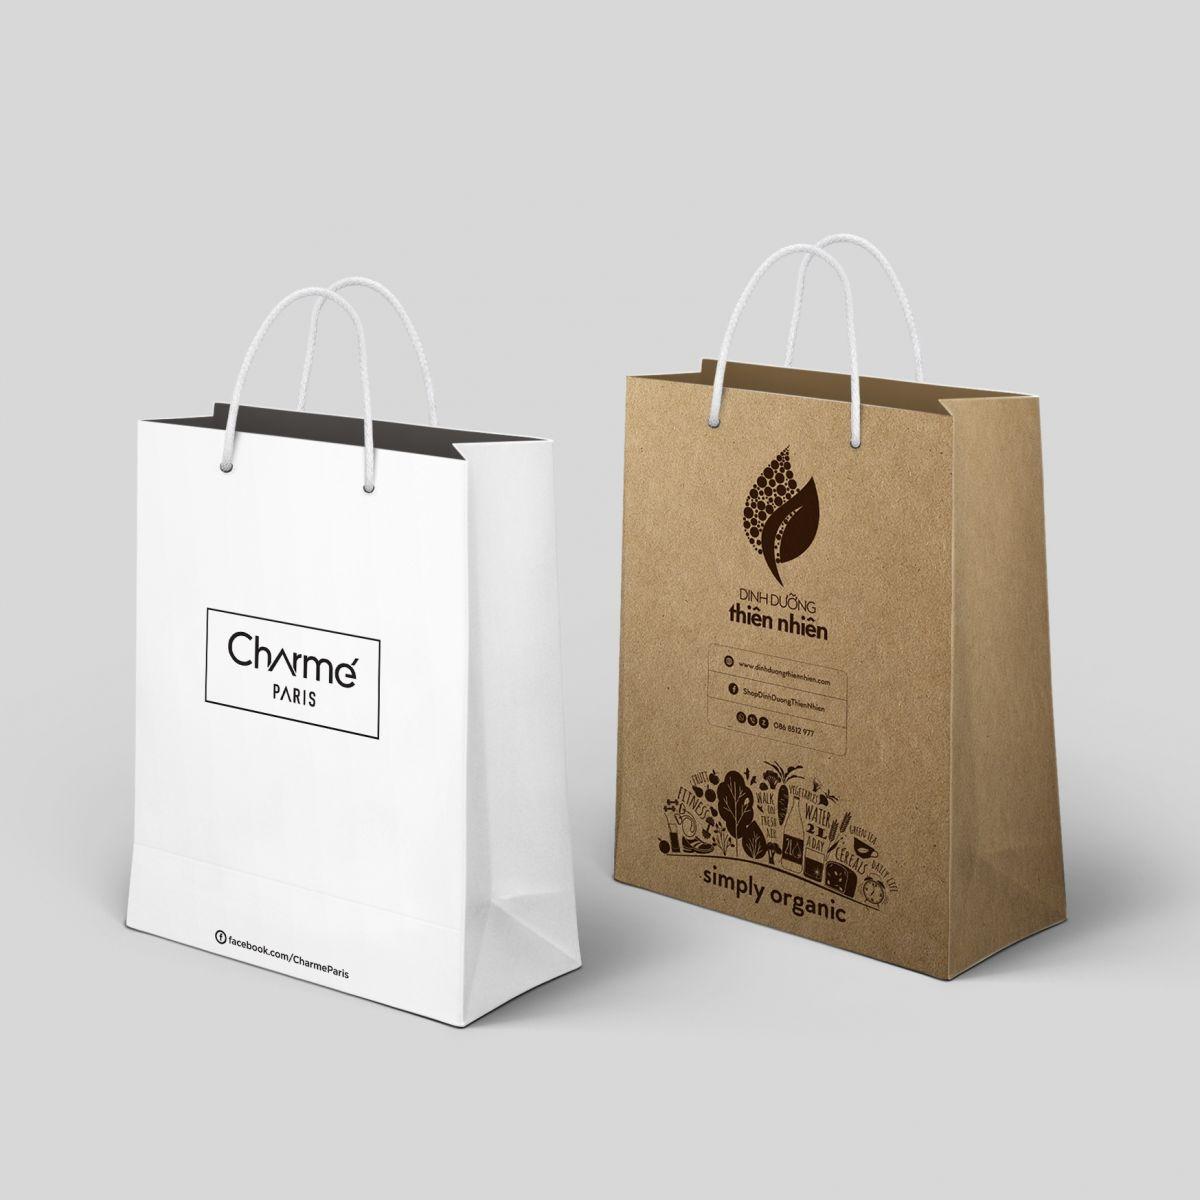 Việc lựa chọn chất liệu giấy có thể sẽ ảnh hưởng đến quy cách gia công, in ấn